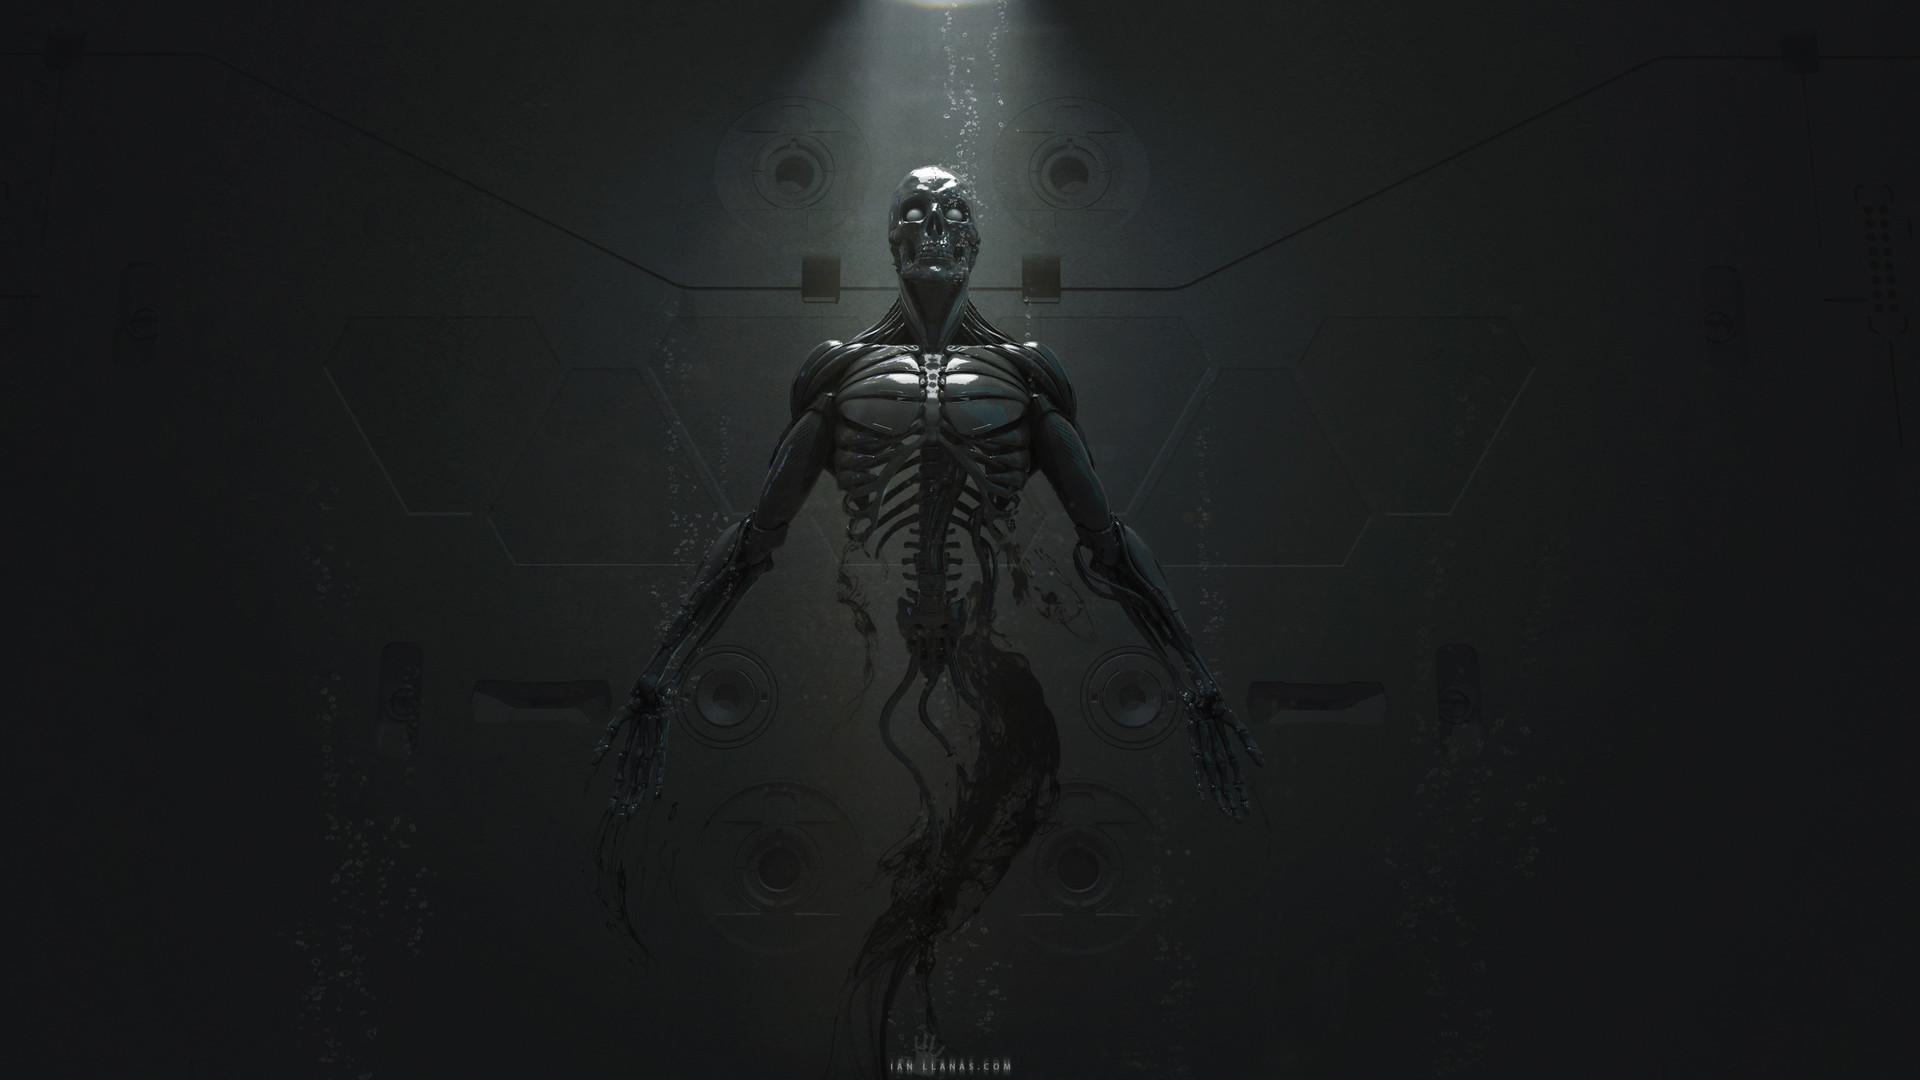 Ian llanas robotbirthwallpaper